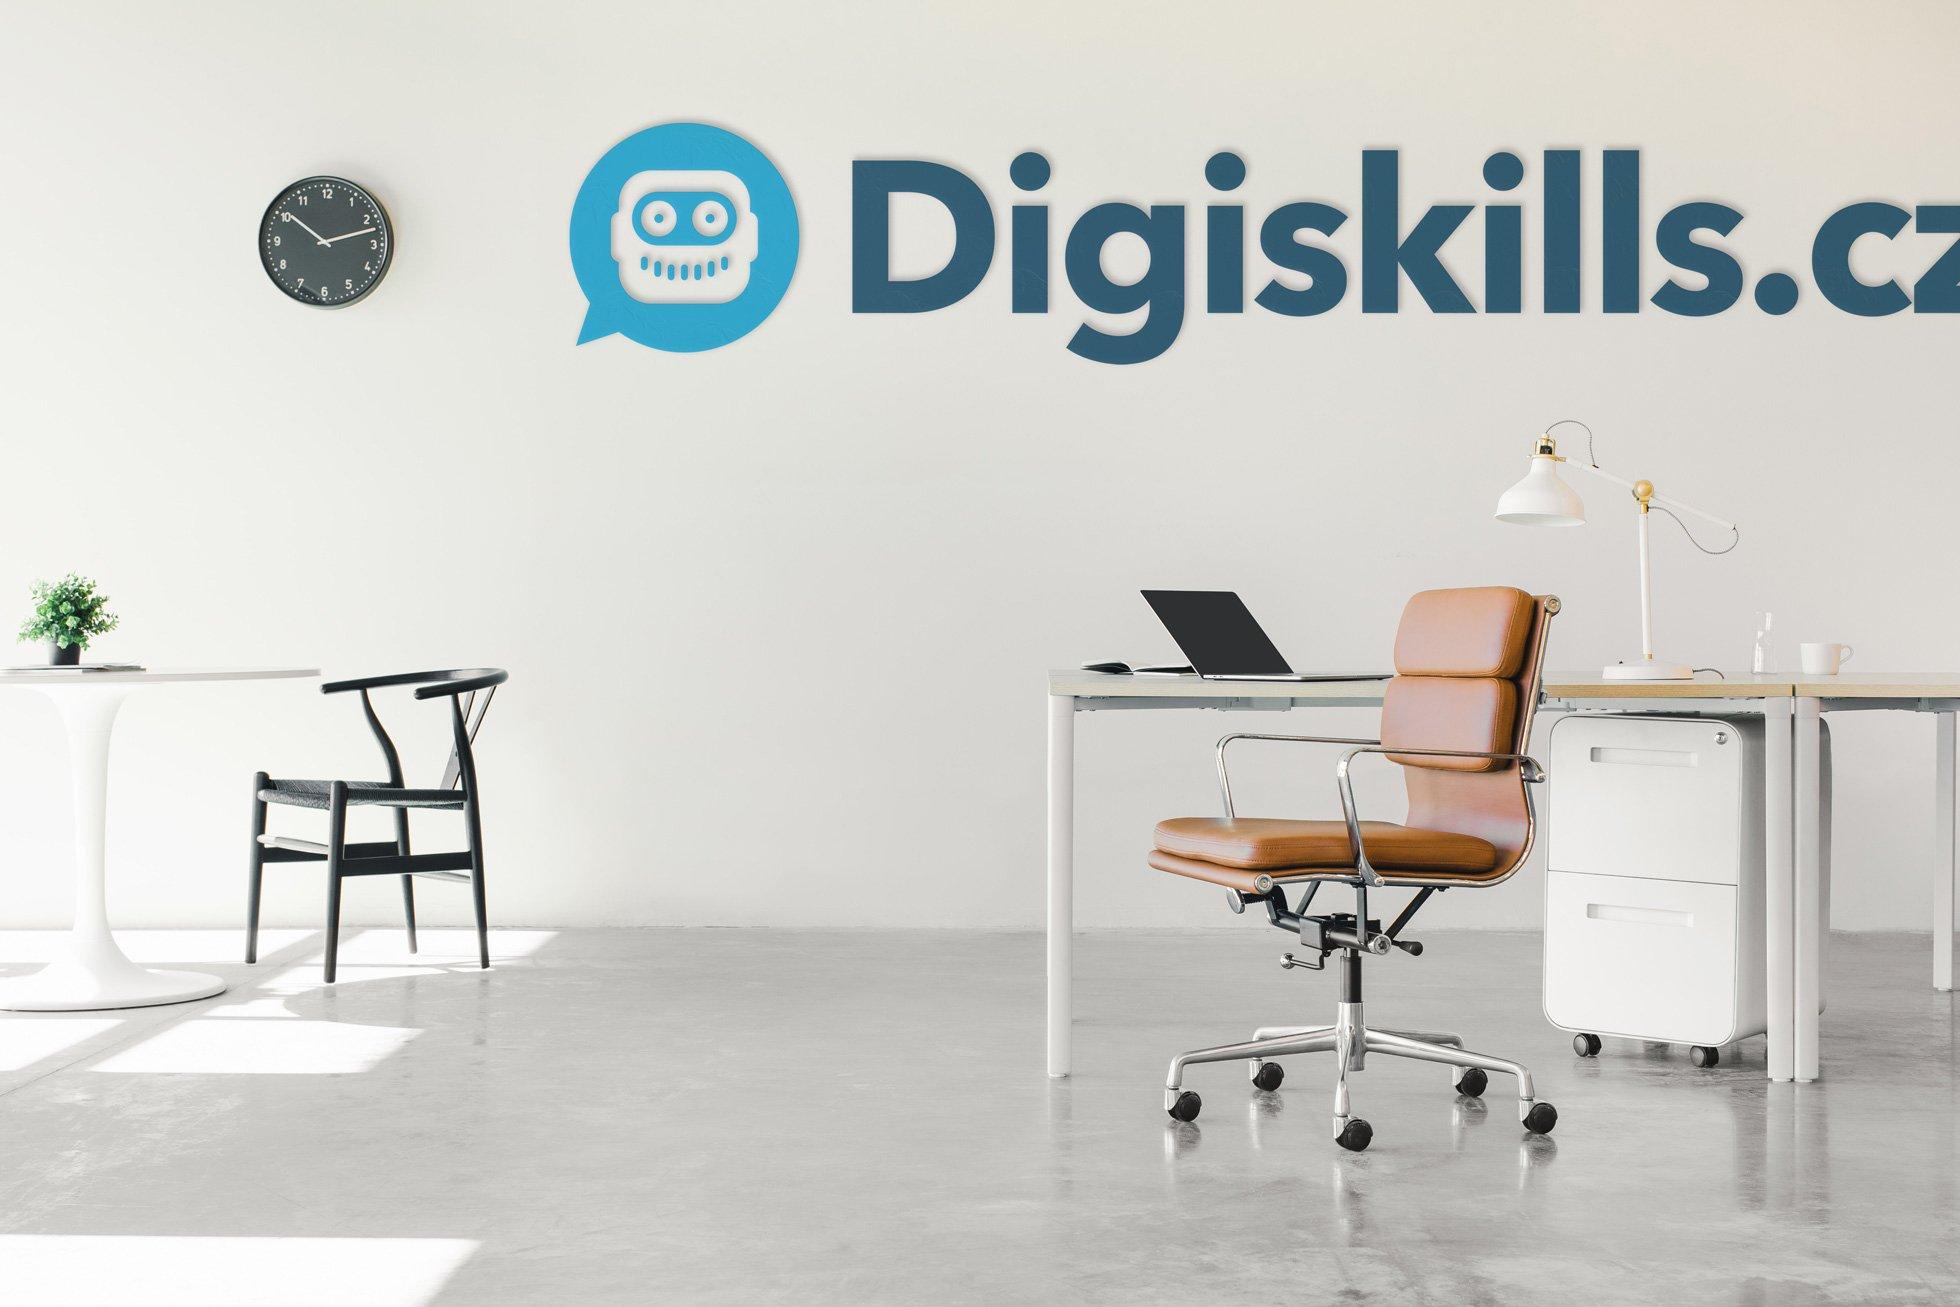 Pozadí s vlastním logem - Digiskills